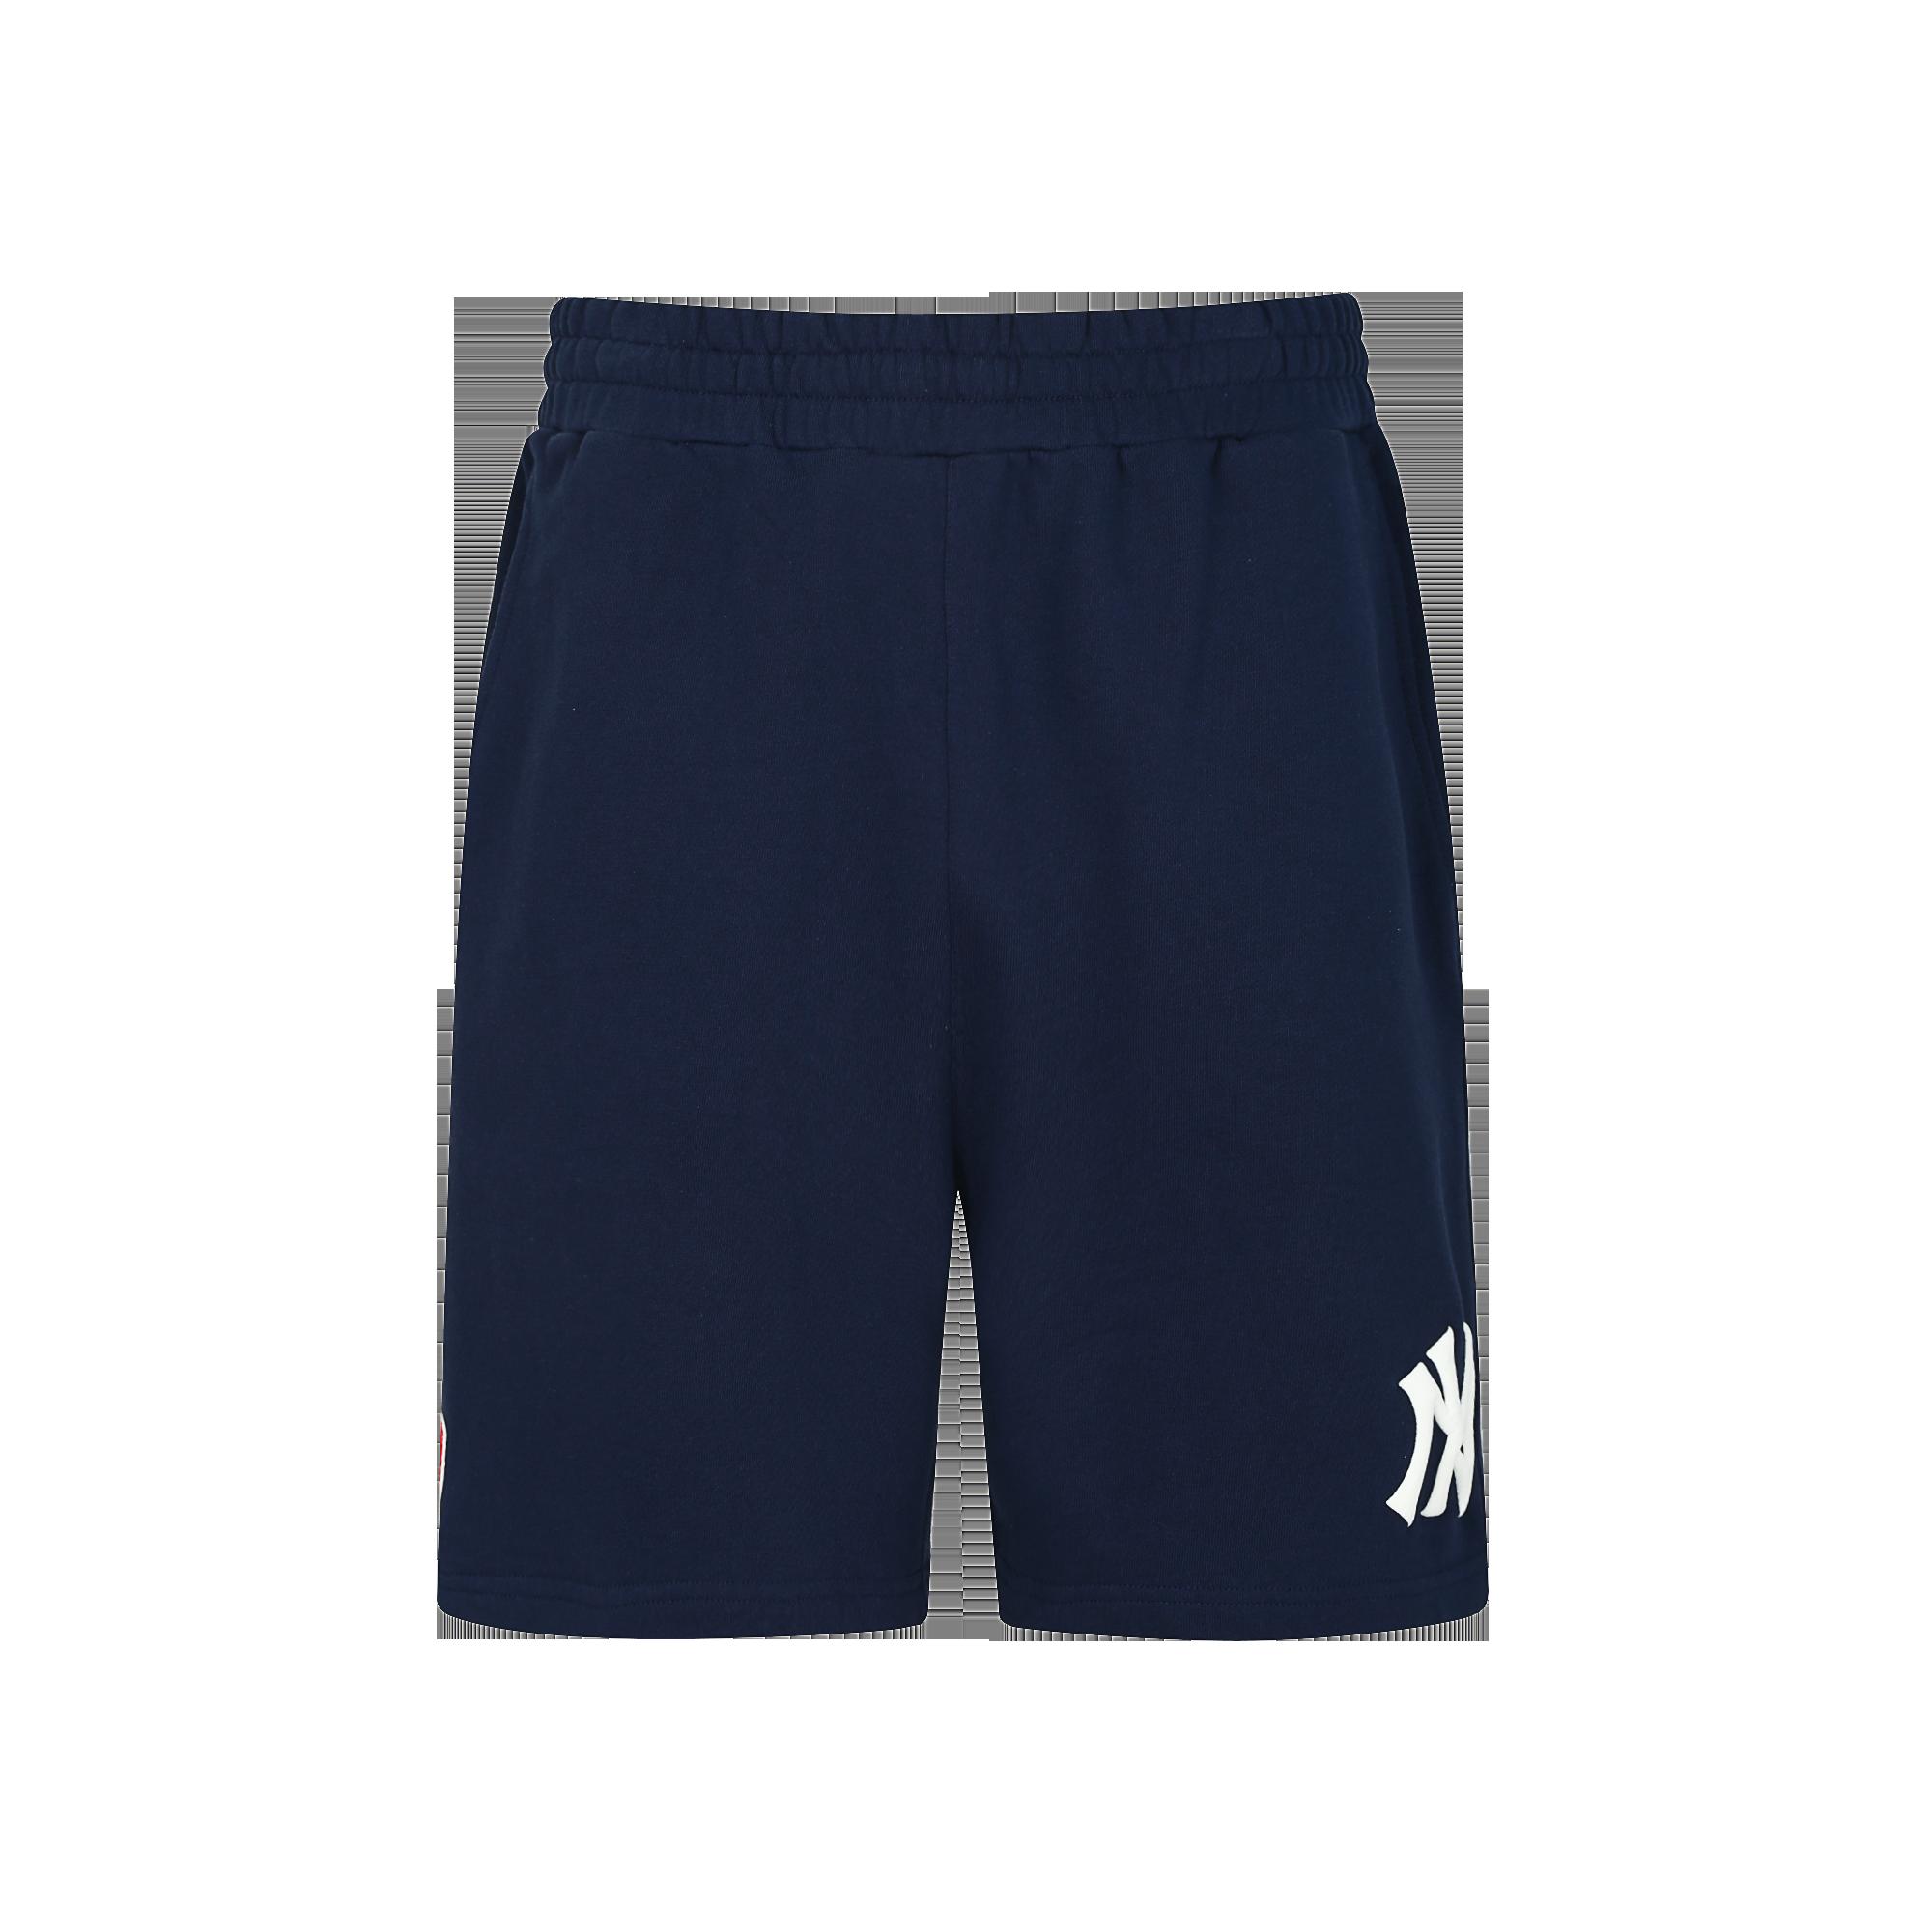 뉴욕양키스 MLB-CREW 반바지